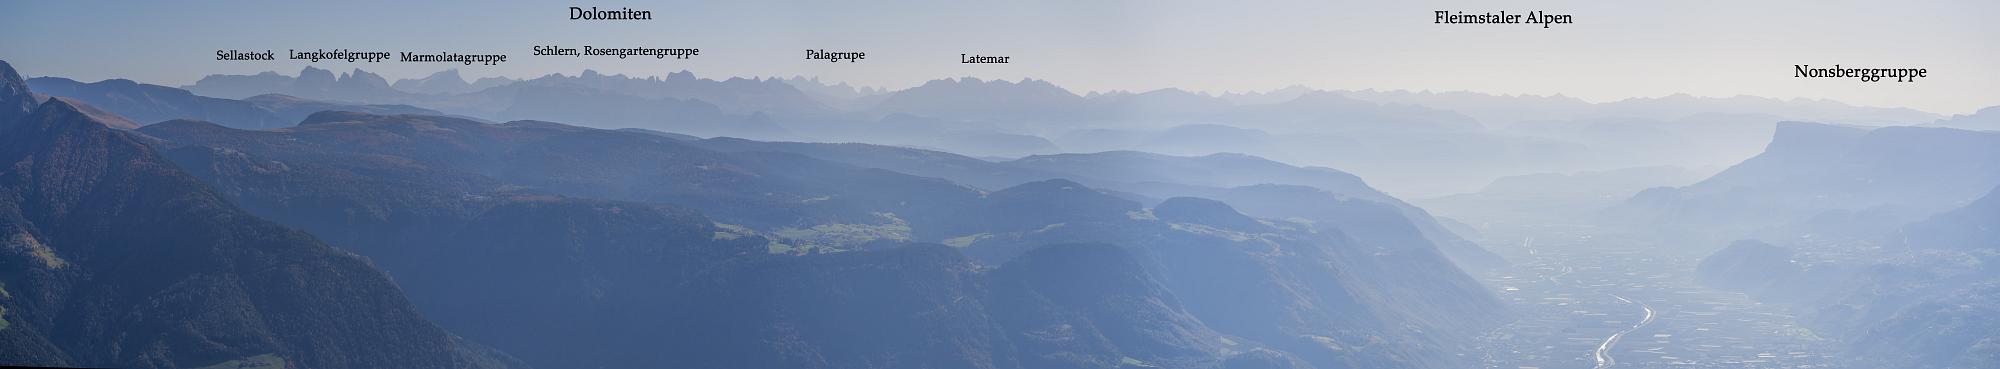 https://www.eifelmomente.de/albums/Urlaub/2019_10_20-11_03_Suedtirol/2019_10_27_-_116_Mutspitze_DNG_Pano_bearb_Beschriftungen_2000.jpg